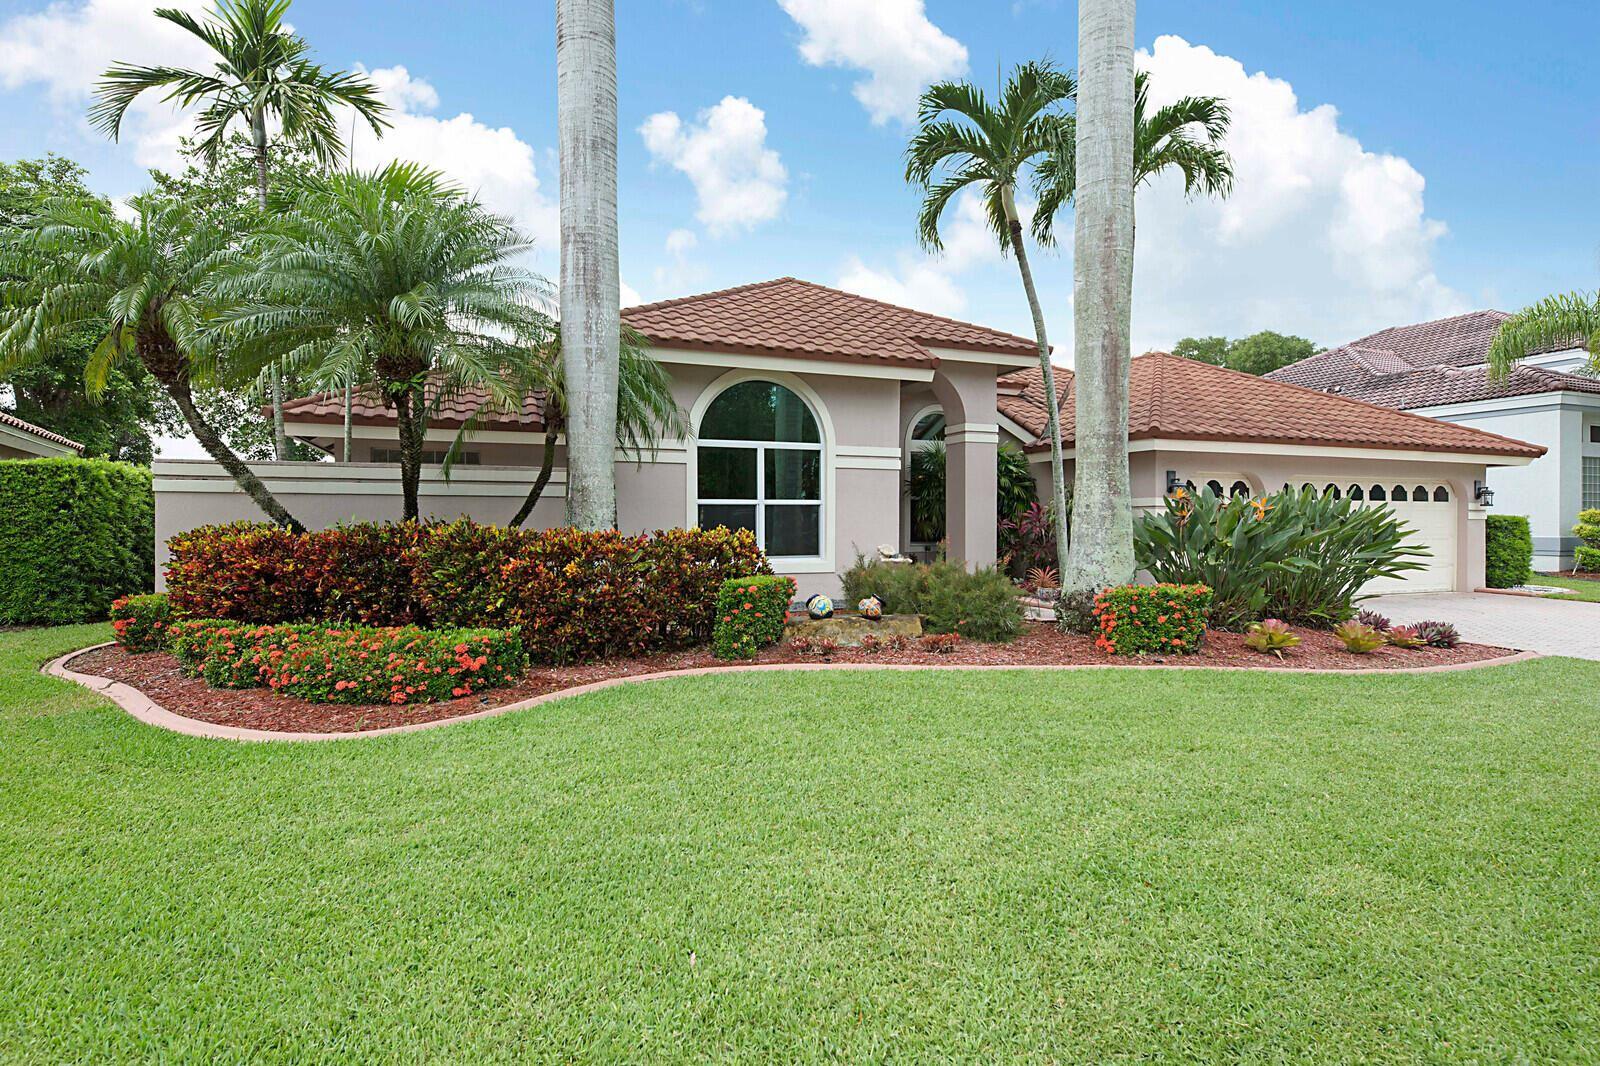 Photo of 1122 SW 156th Terrace, Pembroke Pines, FL 33027 (MLS # RX-10733111)